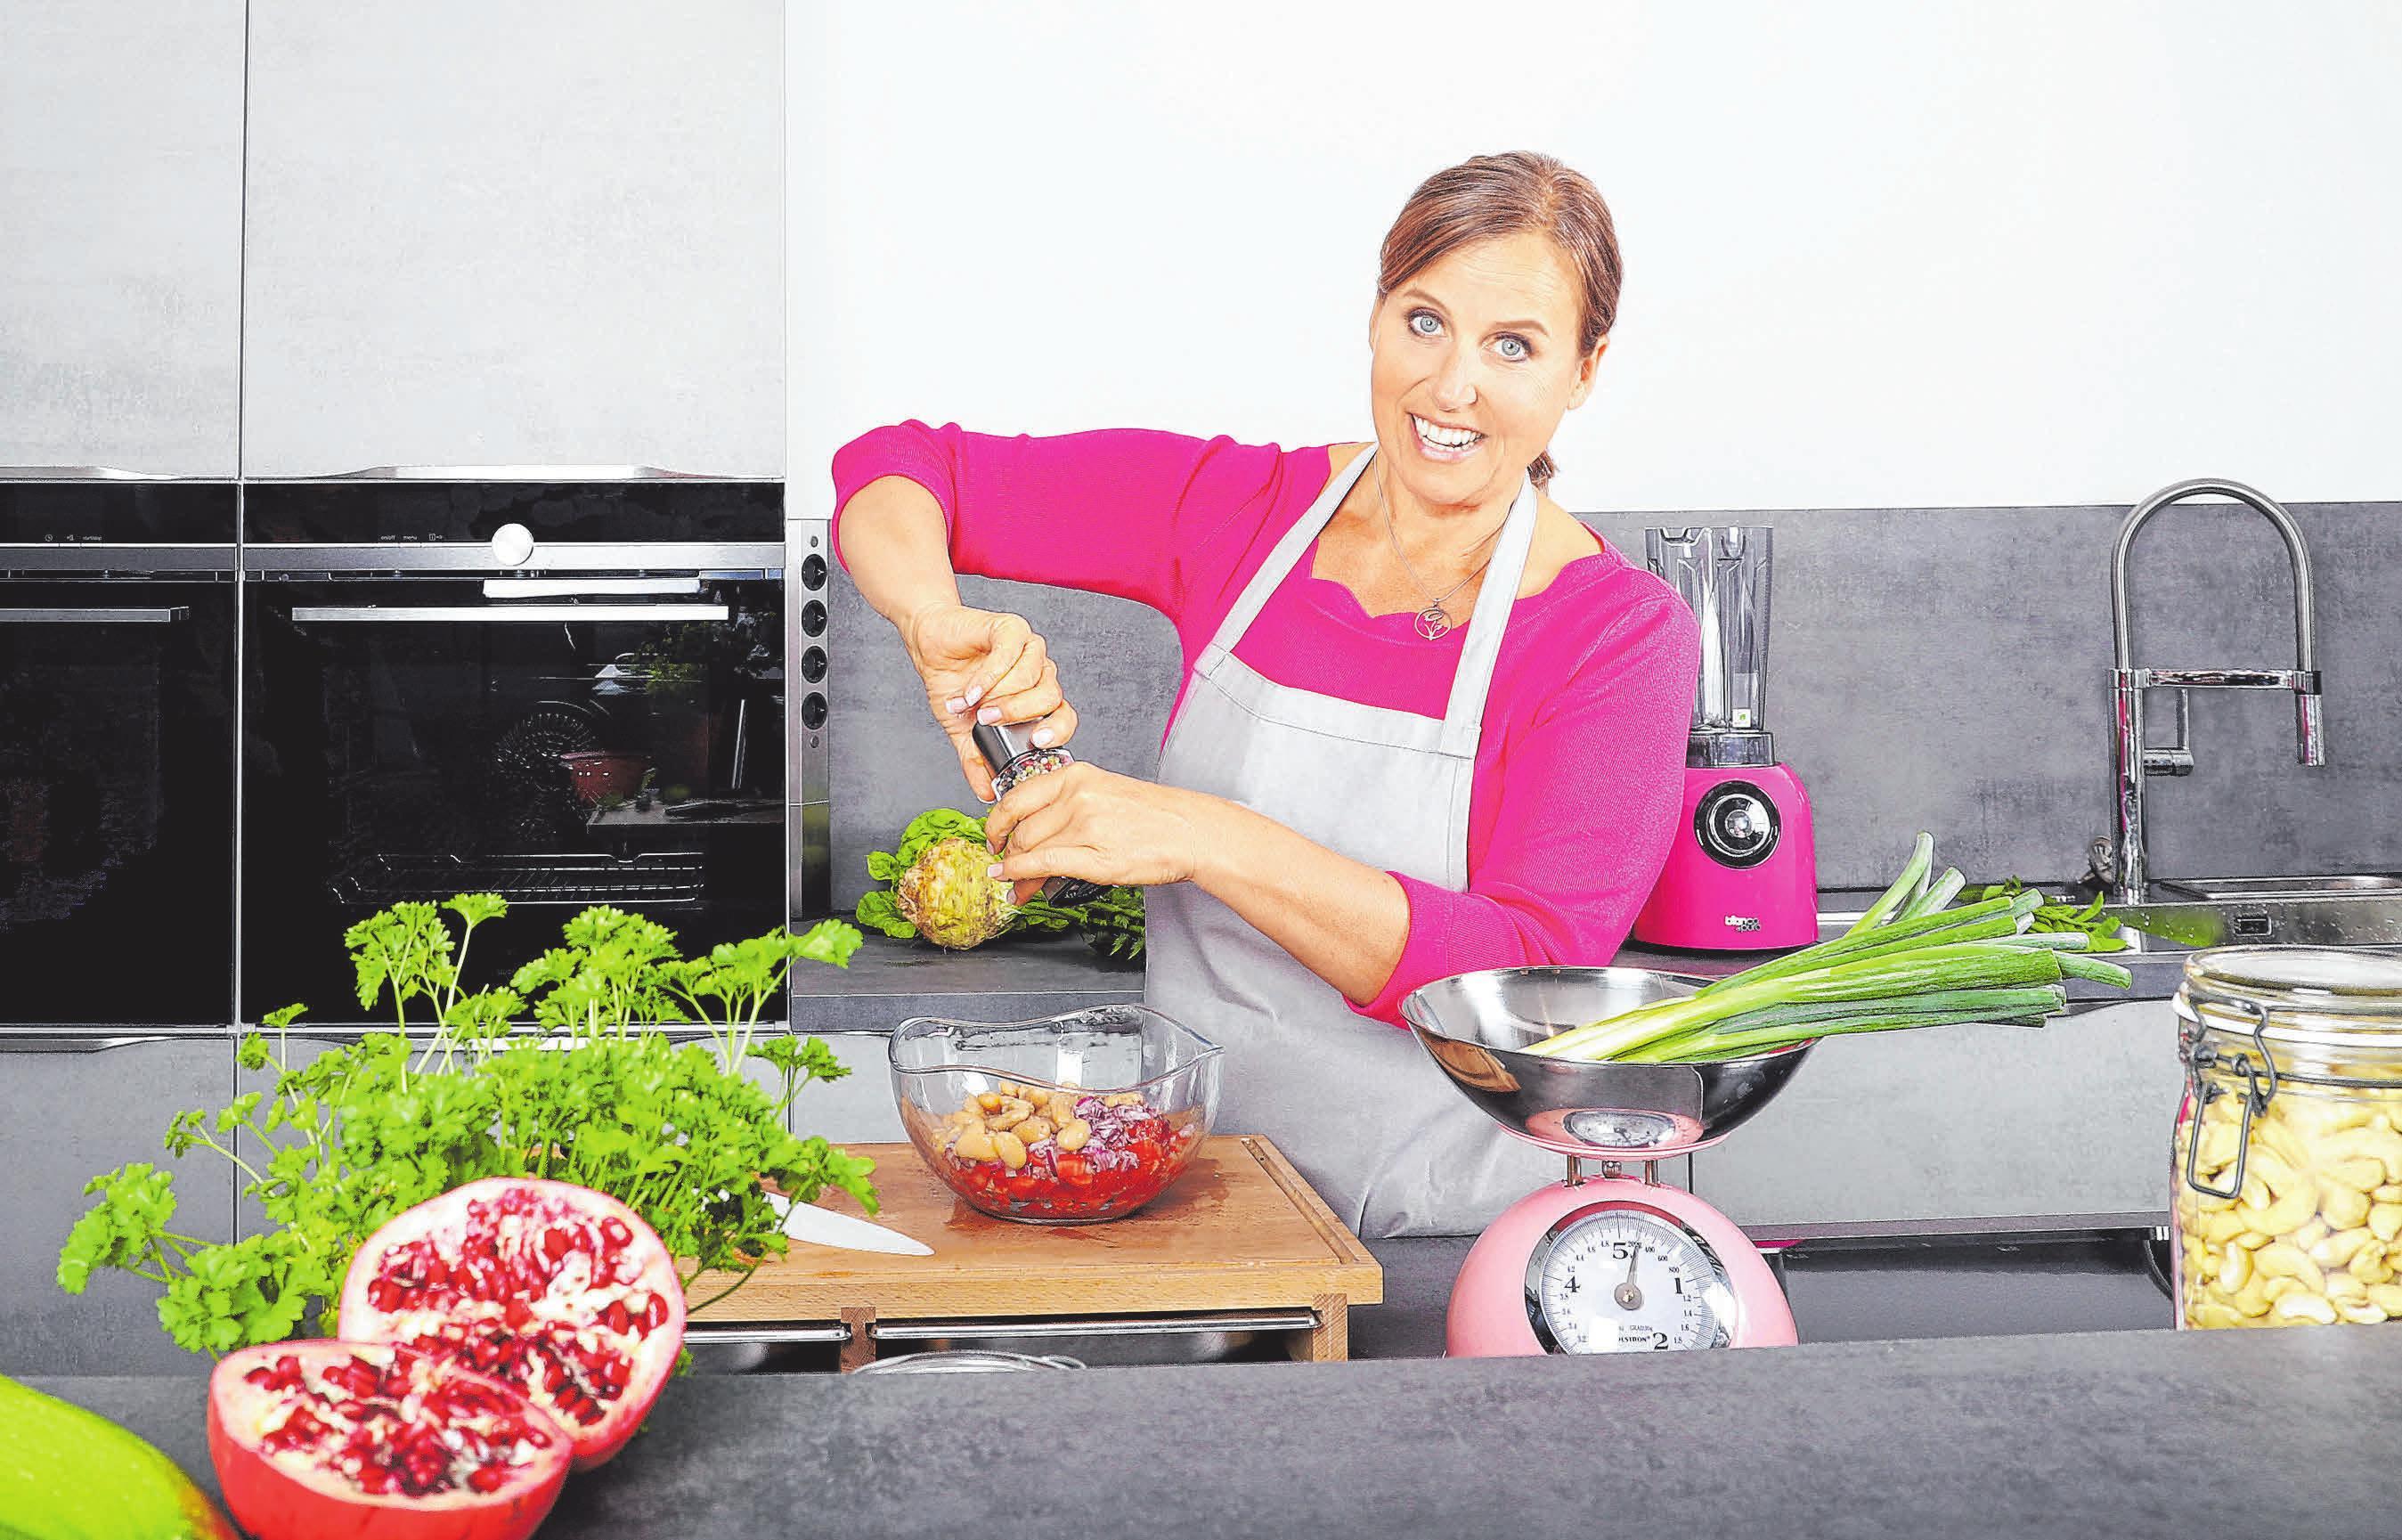 Inge Barth bereitet in ihrer neuen Küche vegane Vielfalt zu. FOTO: ZARTBITTER - DESIGN